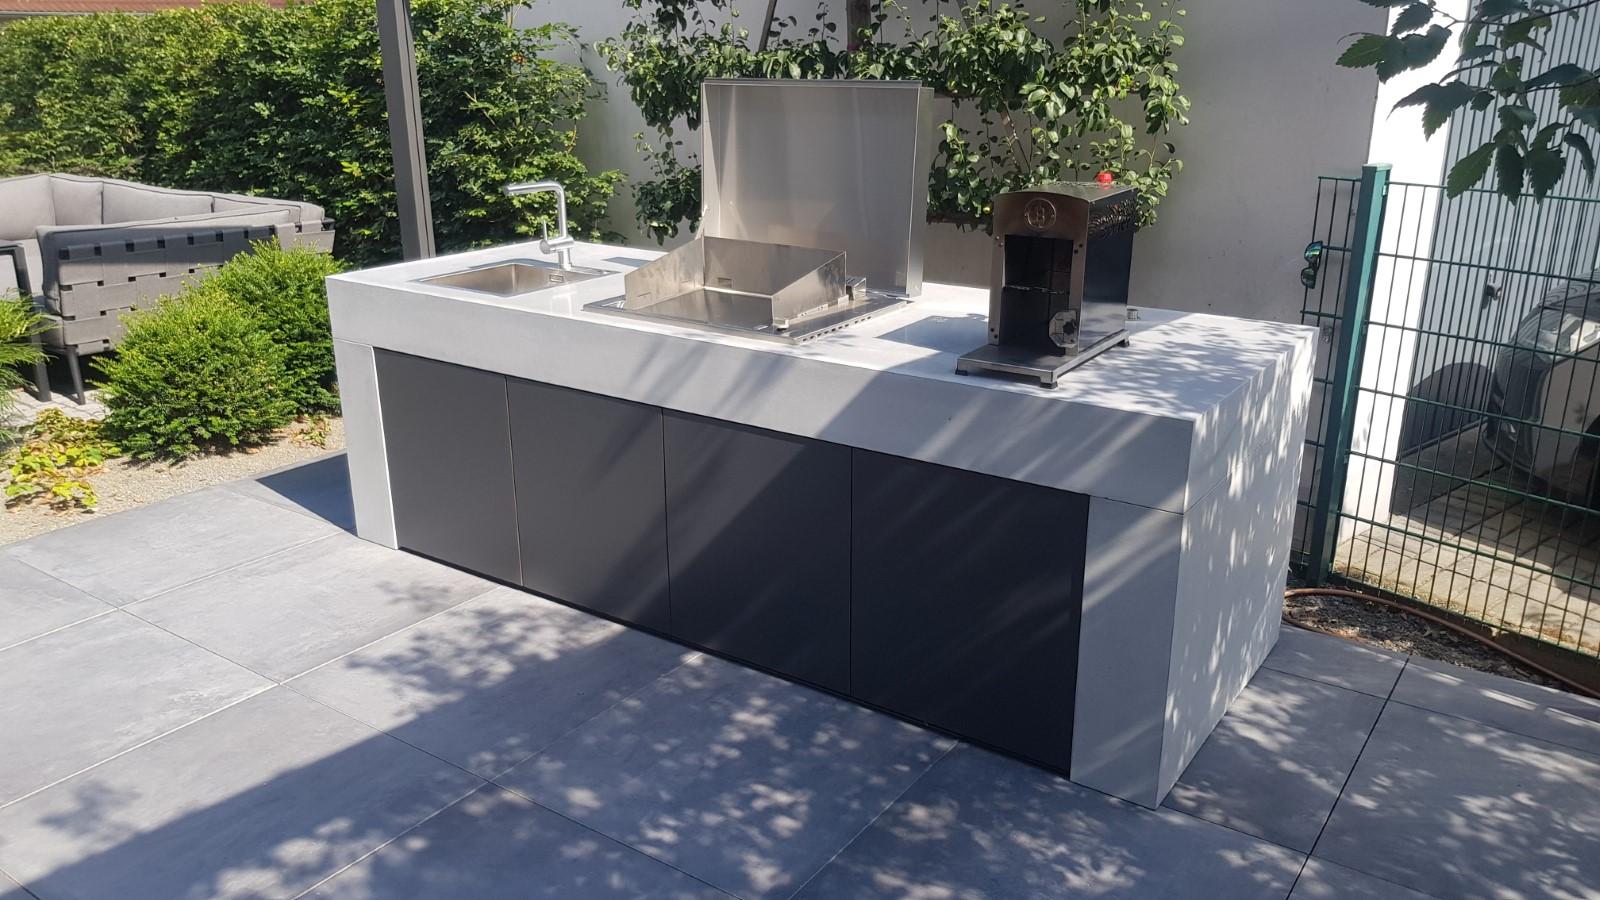 concrete-beton-outdoor-kueche-referenzen-001